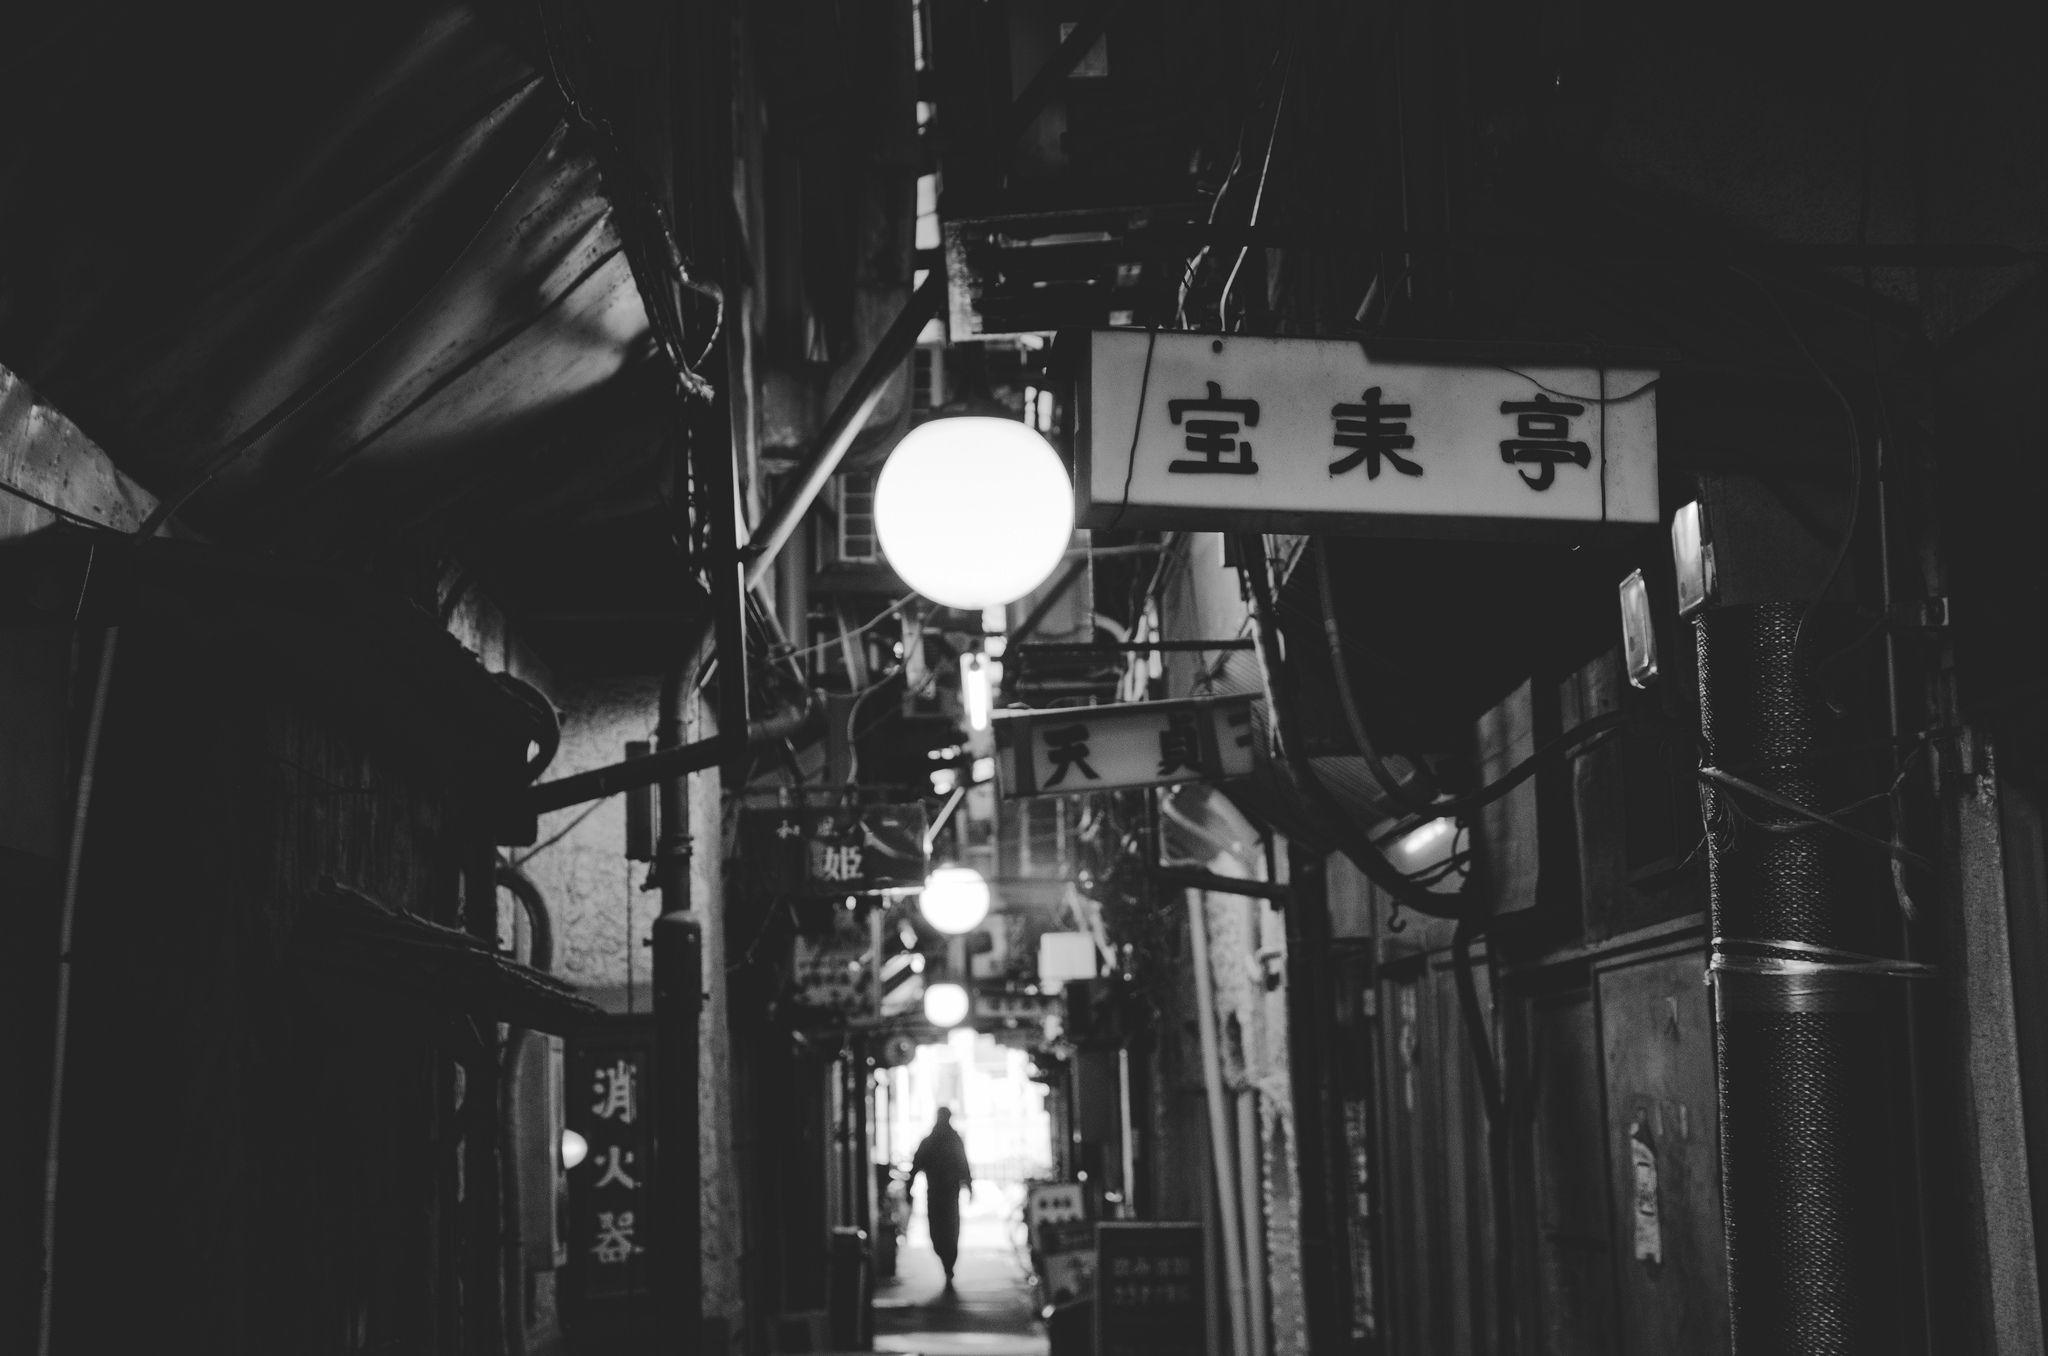 Más tamaños | Tateishi Department 立石デパート | Flickr: ¡Intercambio de fotos!